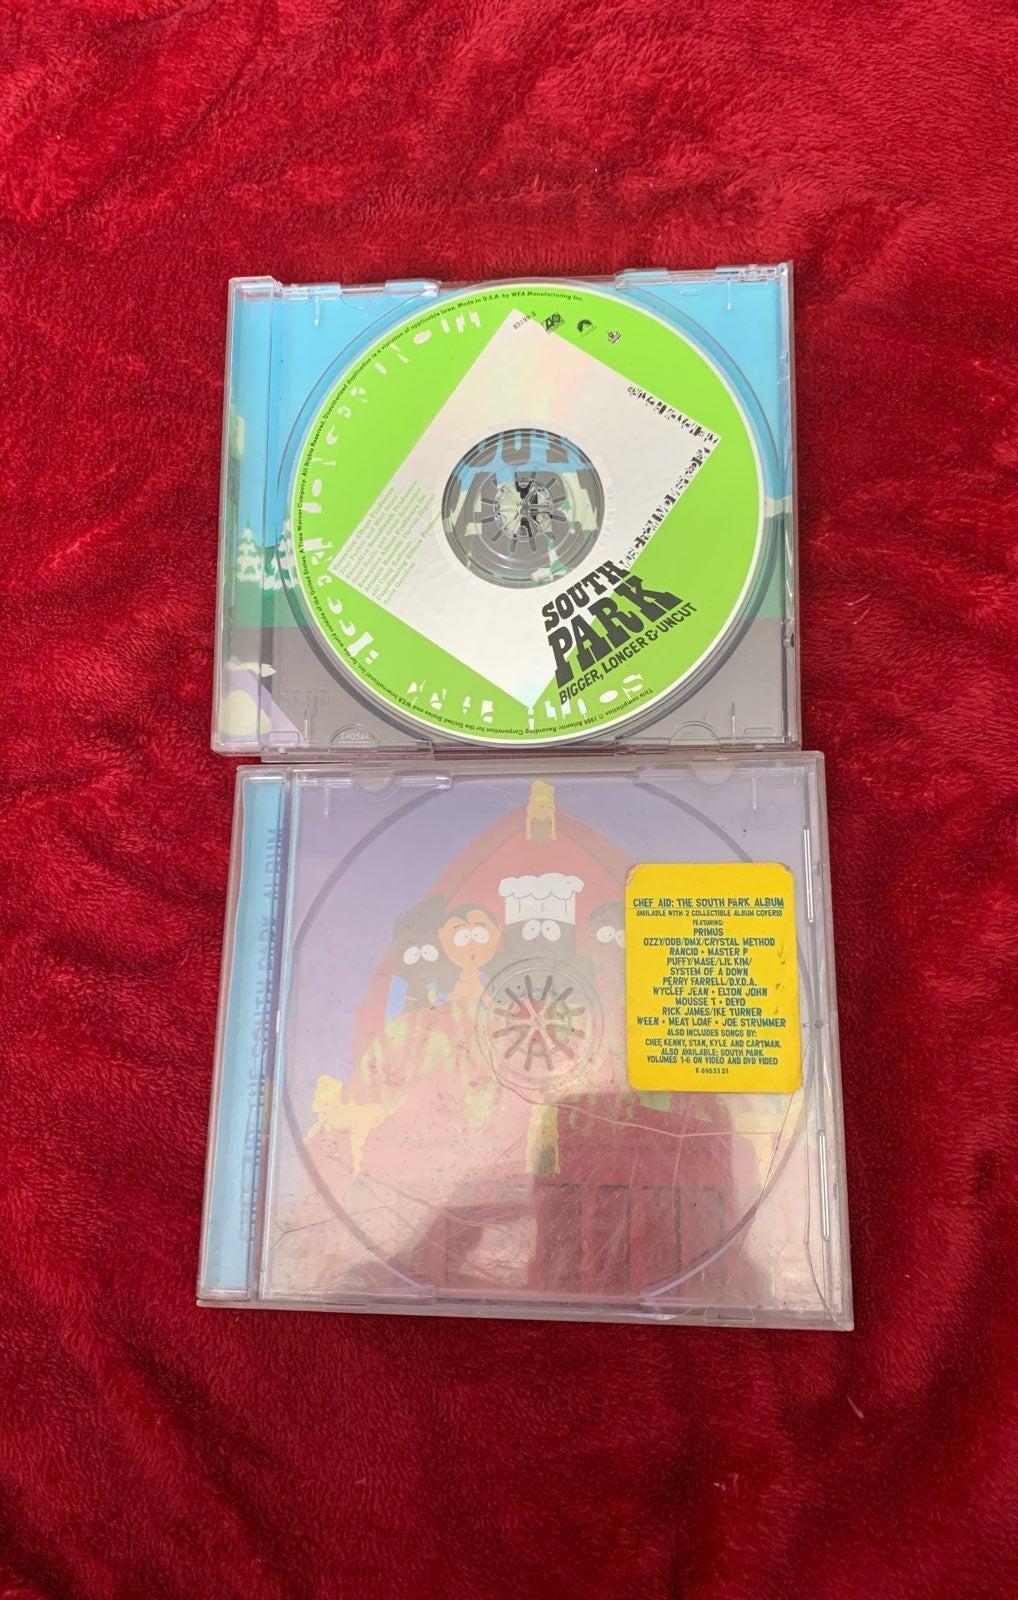 South park bigger longer uncut album